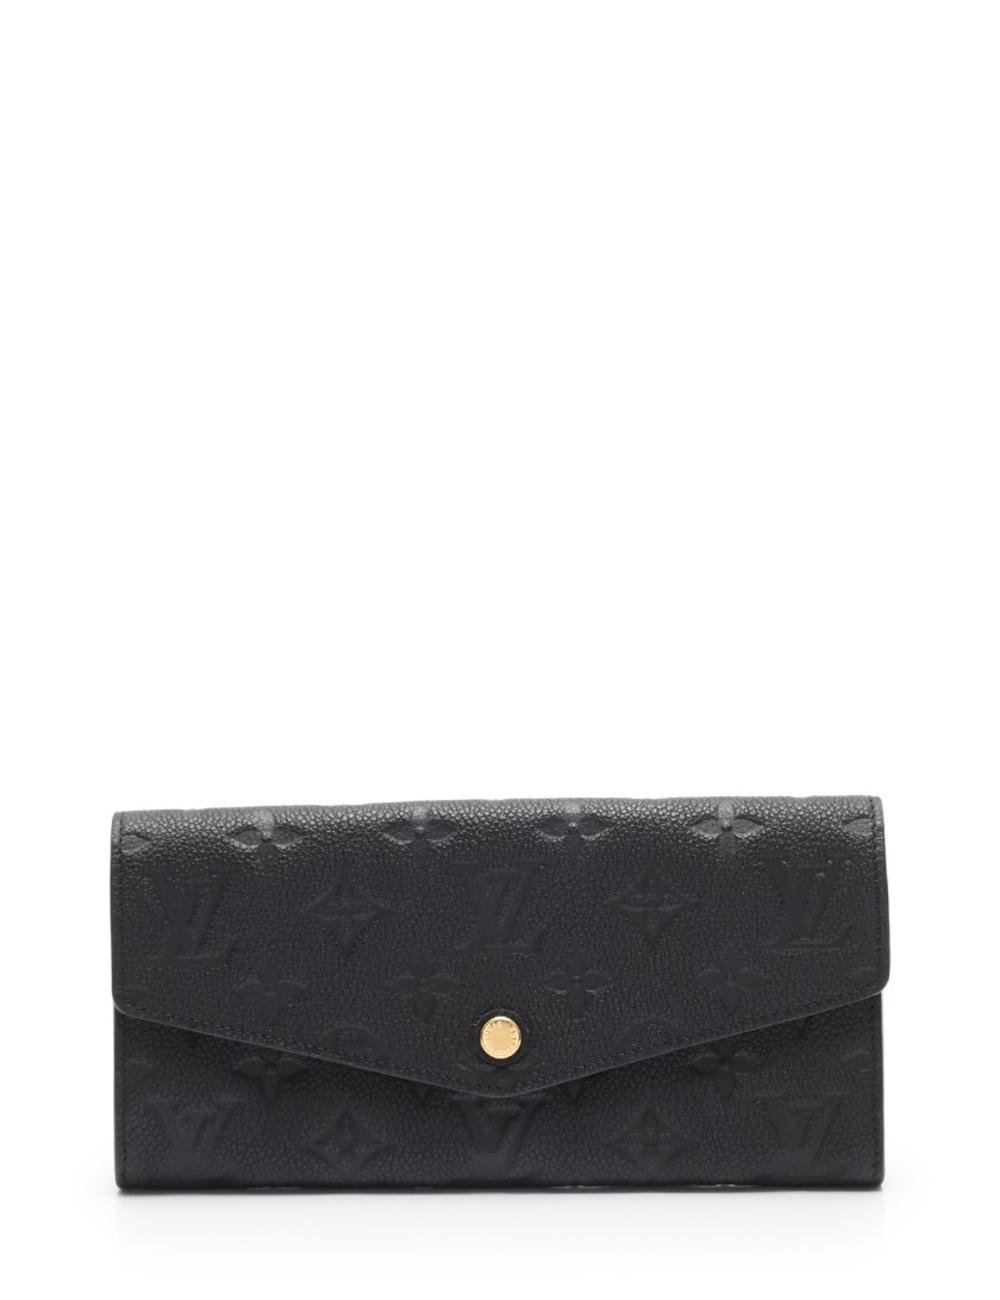 材質:皮革 顏色:黑色 垂直:10 寬:20 厚度:2 產品規格:內部:開放式口袋×1,卡片匣×8,錢包×1 CA2134 配件:盒裝儲物袋 型號:M60565 ※長度單位為厘米,重量單位為克 鑑定人